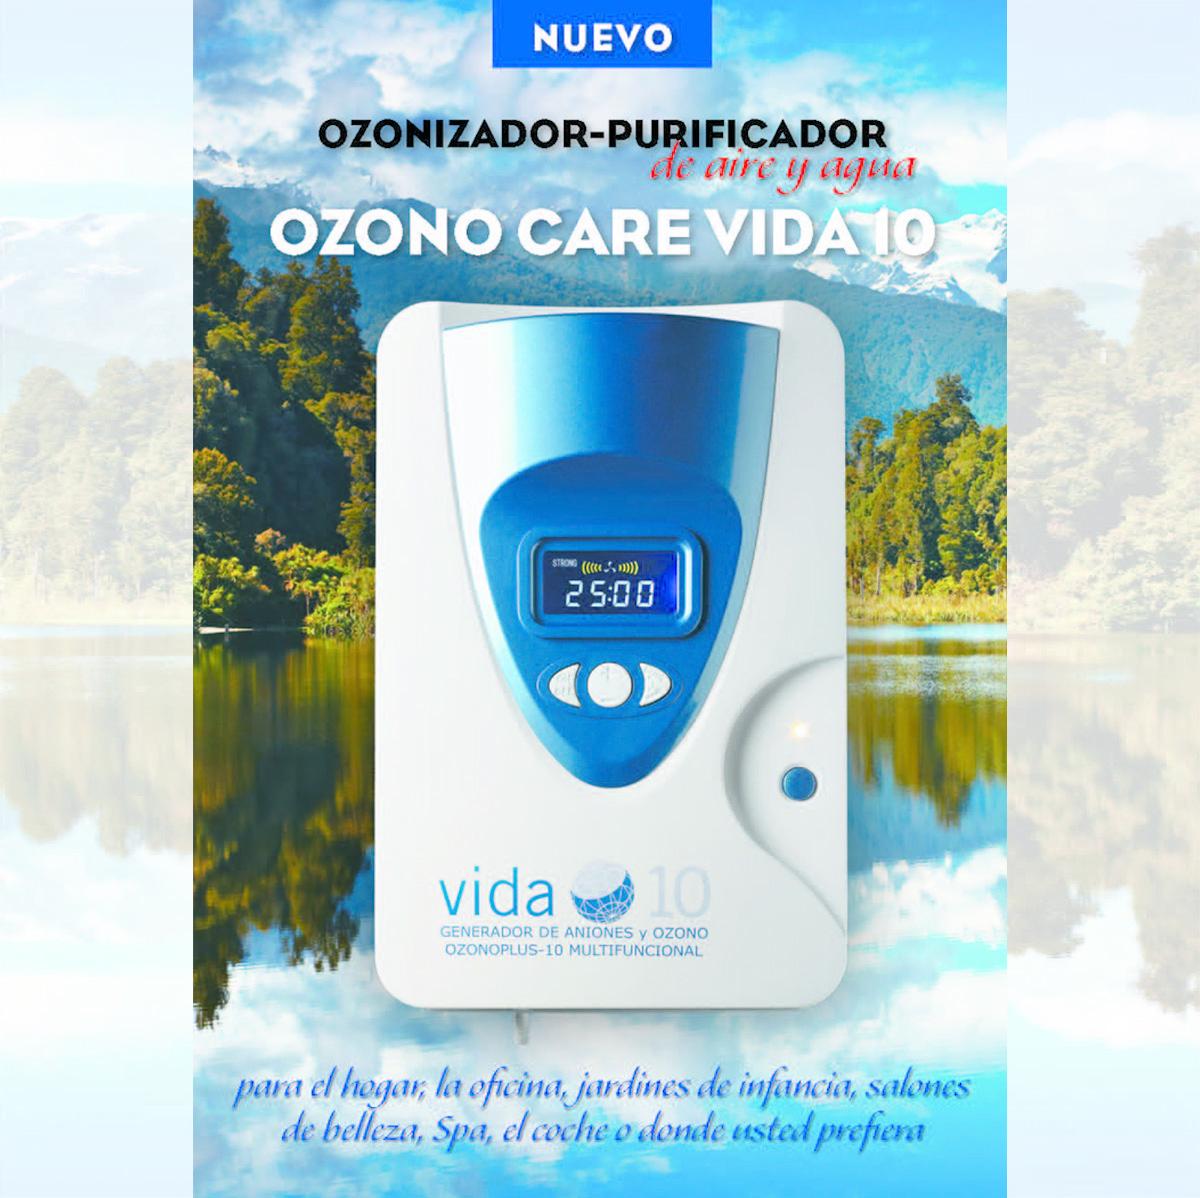 Ozono care vida 10 saludidea - Vida 10 ozono ...